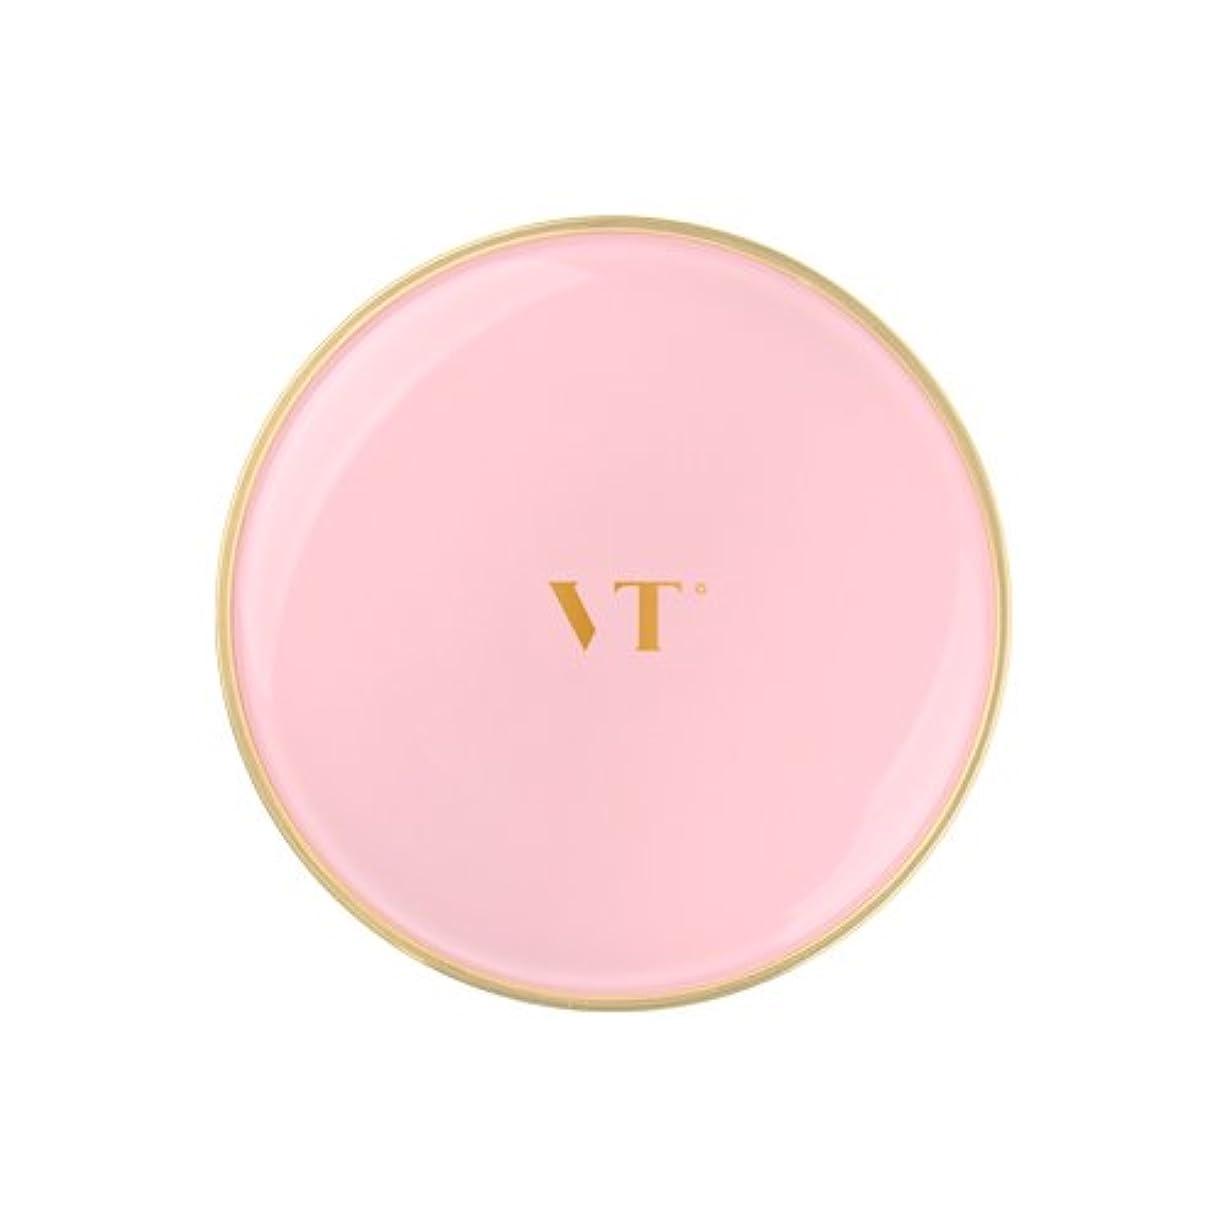 代名詞不潔いらいらさせるVT Collagen Pact 11g/ブイティー コラーゲン パクト 11g (#23) [並行輸入品]